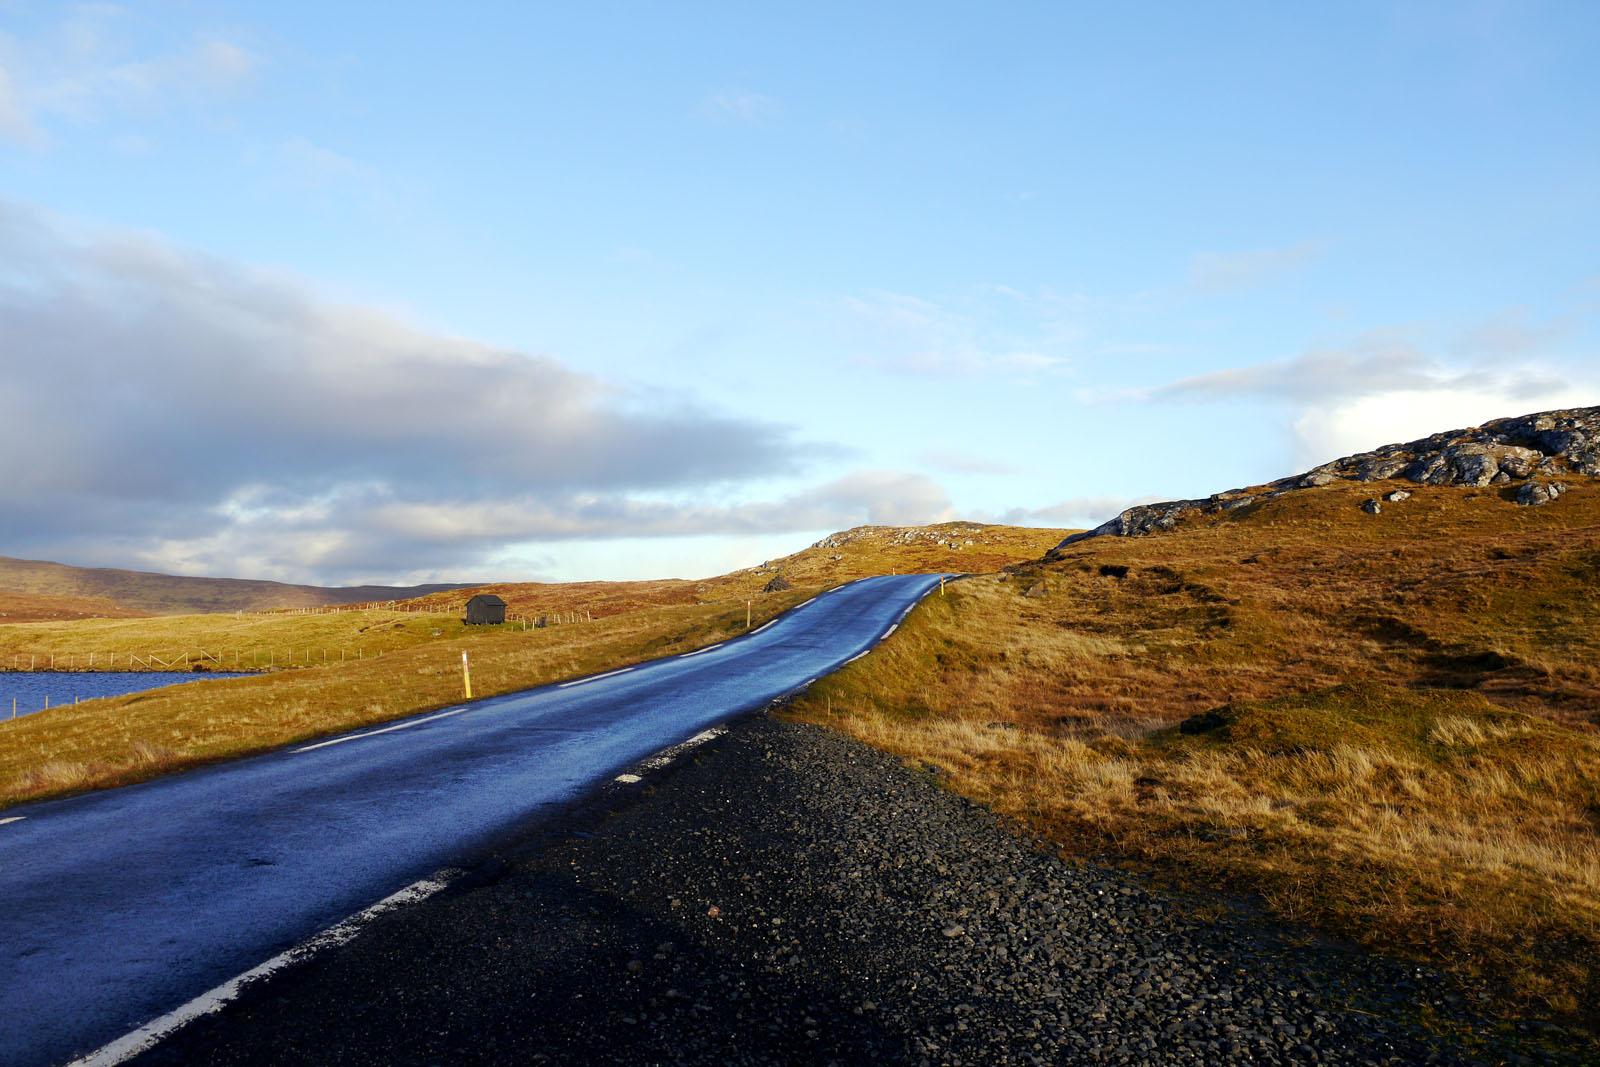 Bergstraße-Eysturoy-Faroer Inseln